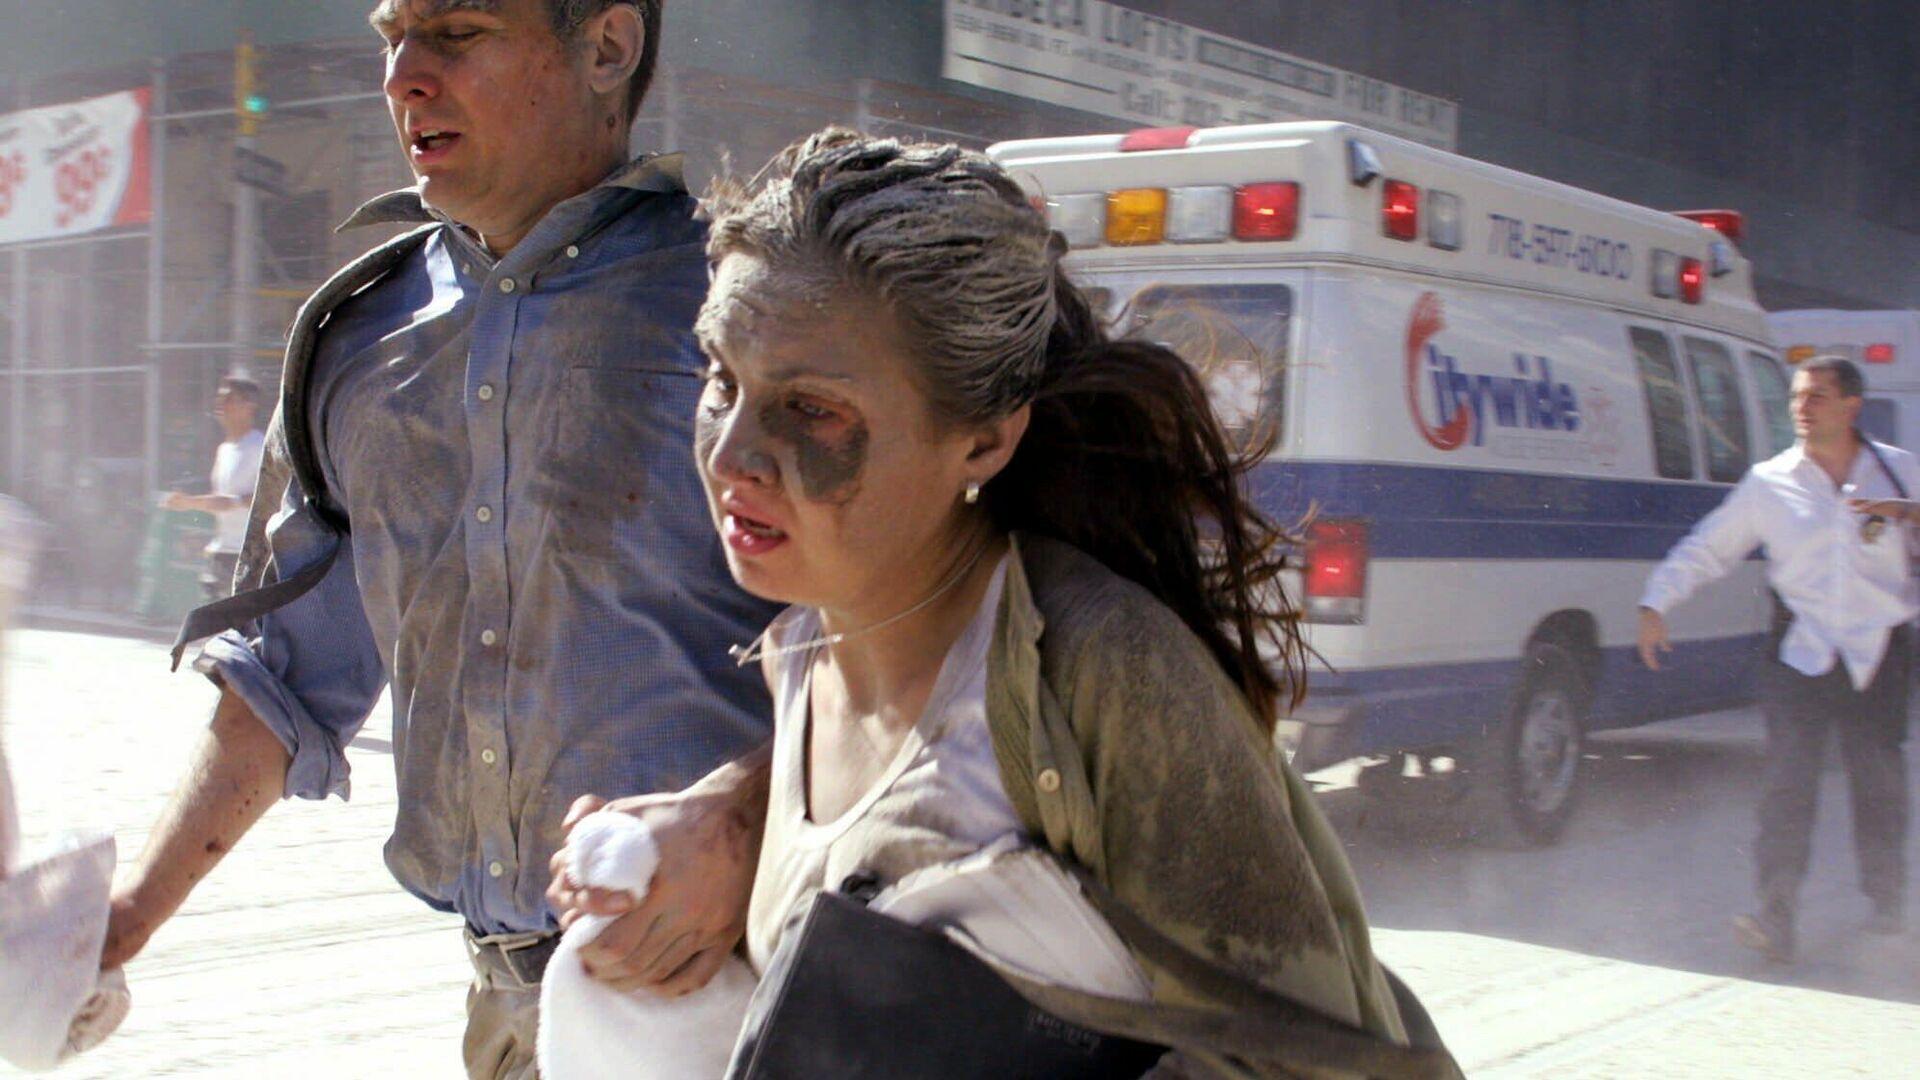 Люди бегут во время теракта 11 сентября 2001 в Нью-Йорке - РИА Новости, 1920, 14.09.2021